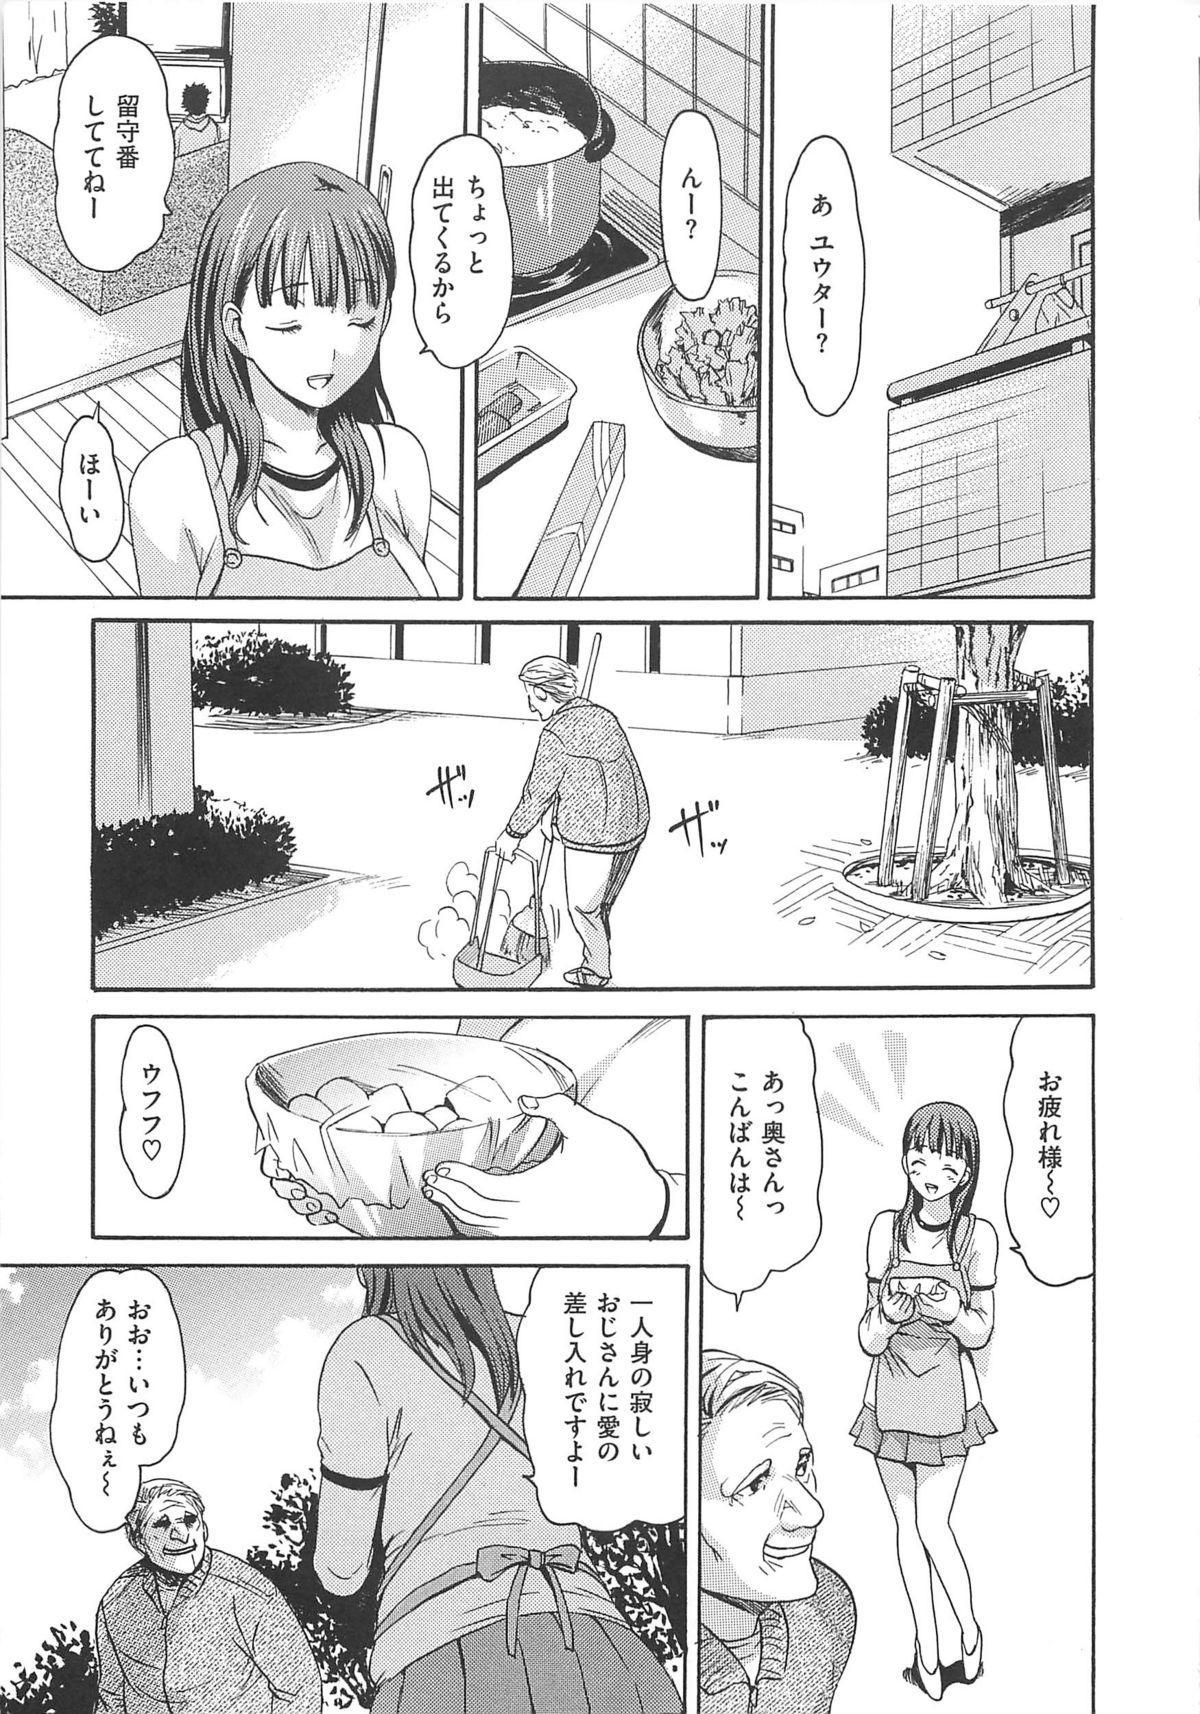 Torokeru Asobi 93